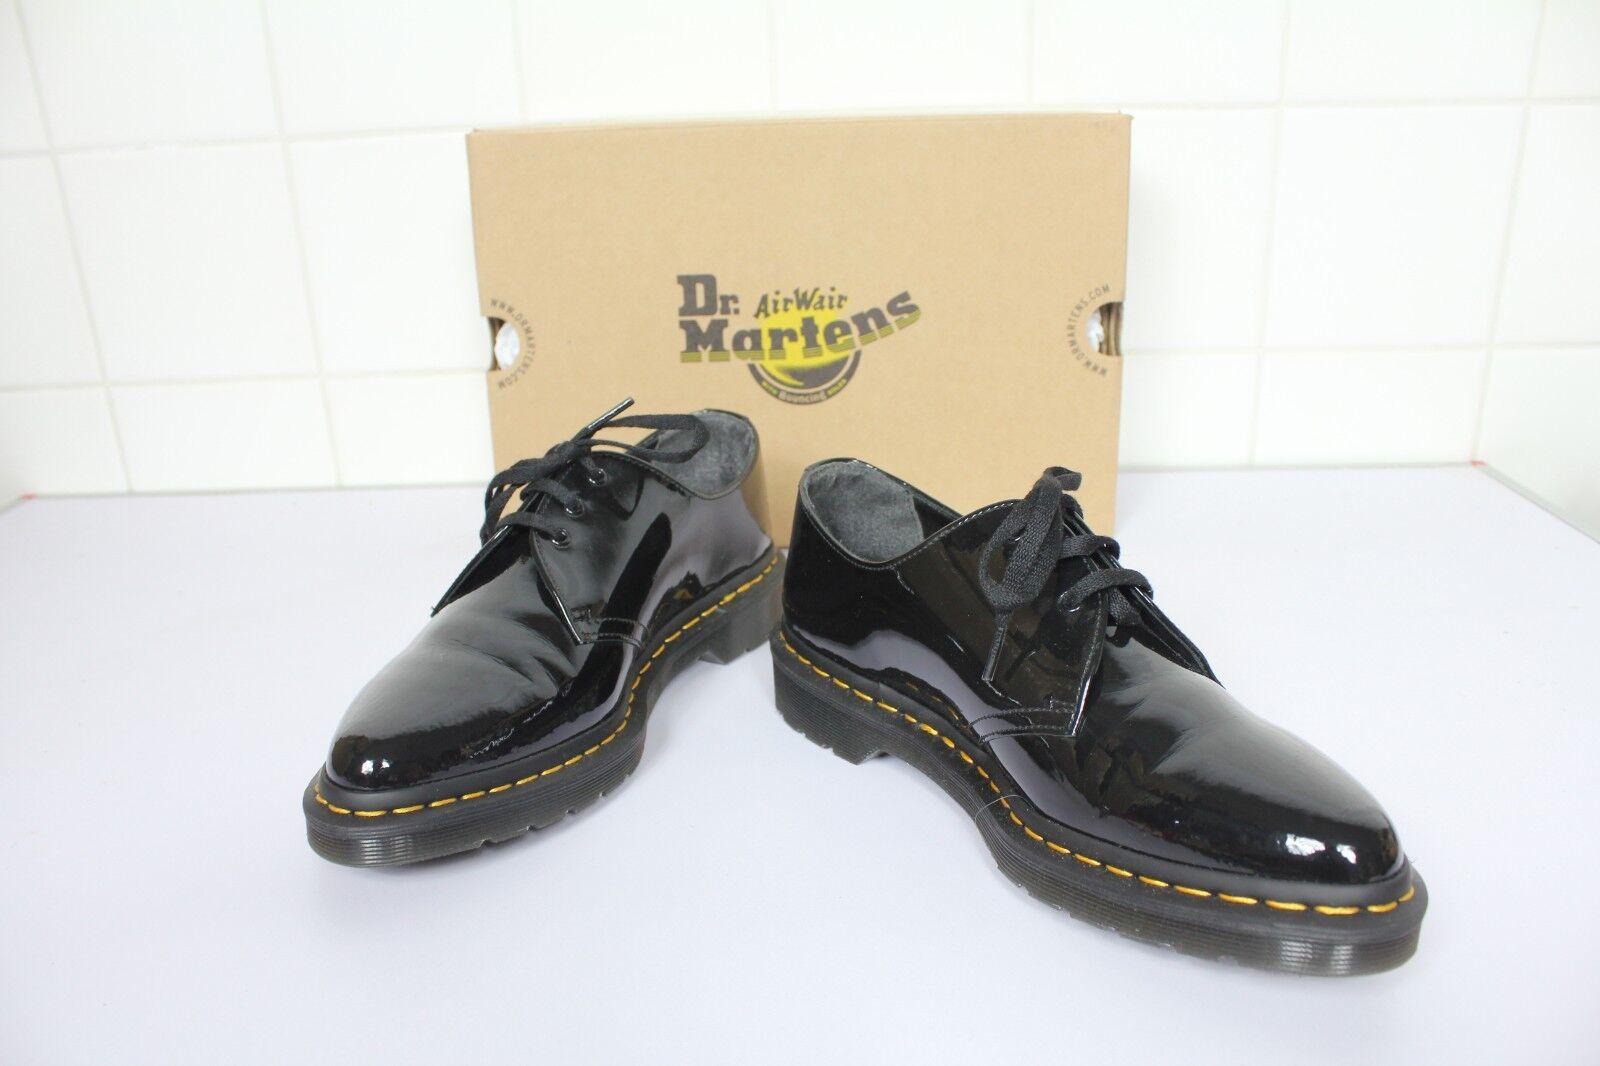 Dr. Martens Dupree zapatos zapatos zapatos charol óptica negro eu 43-uk 9 - como nuevo -- con caja de cartón  calidad oficial